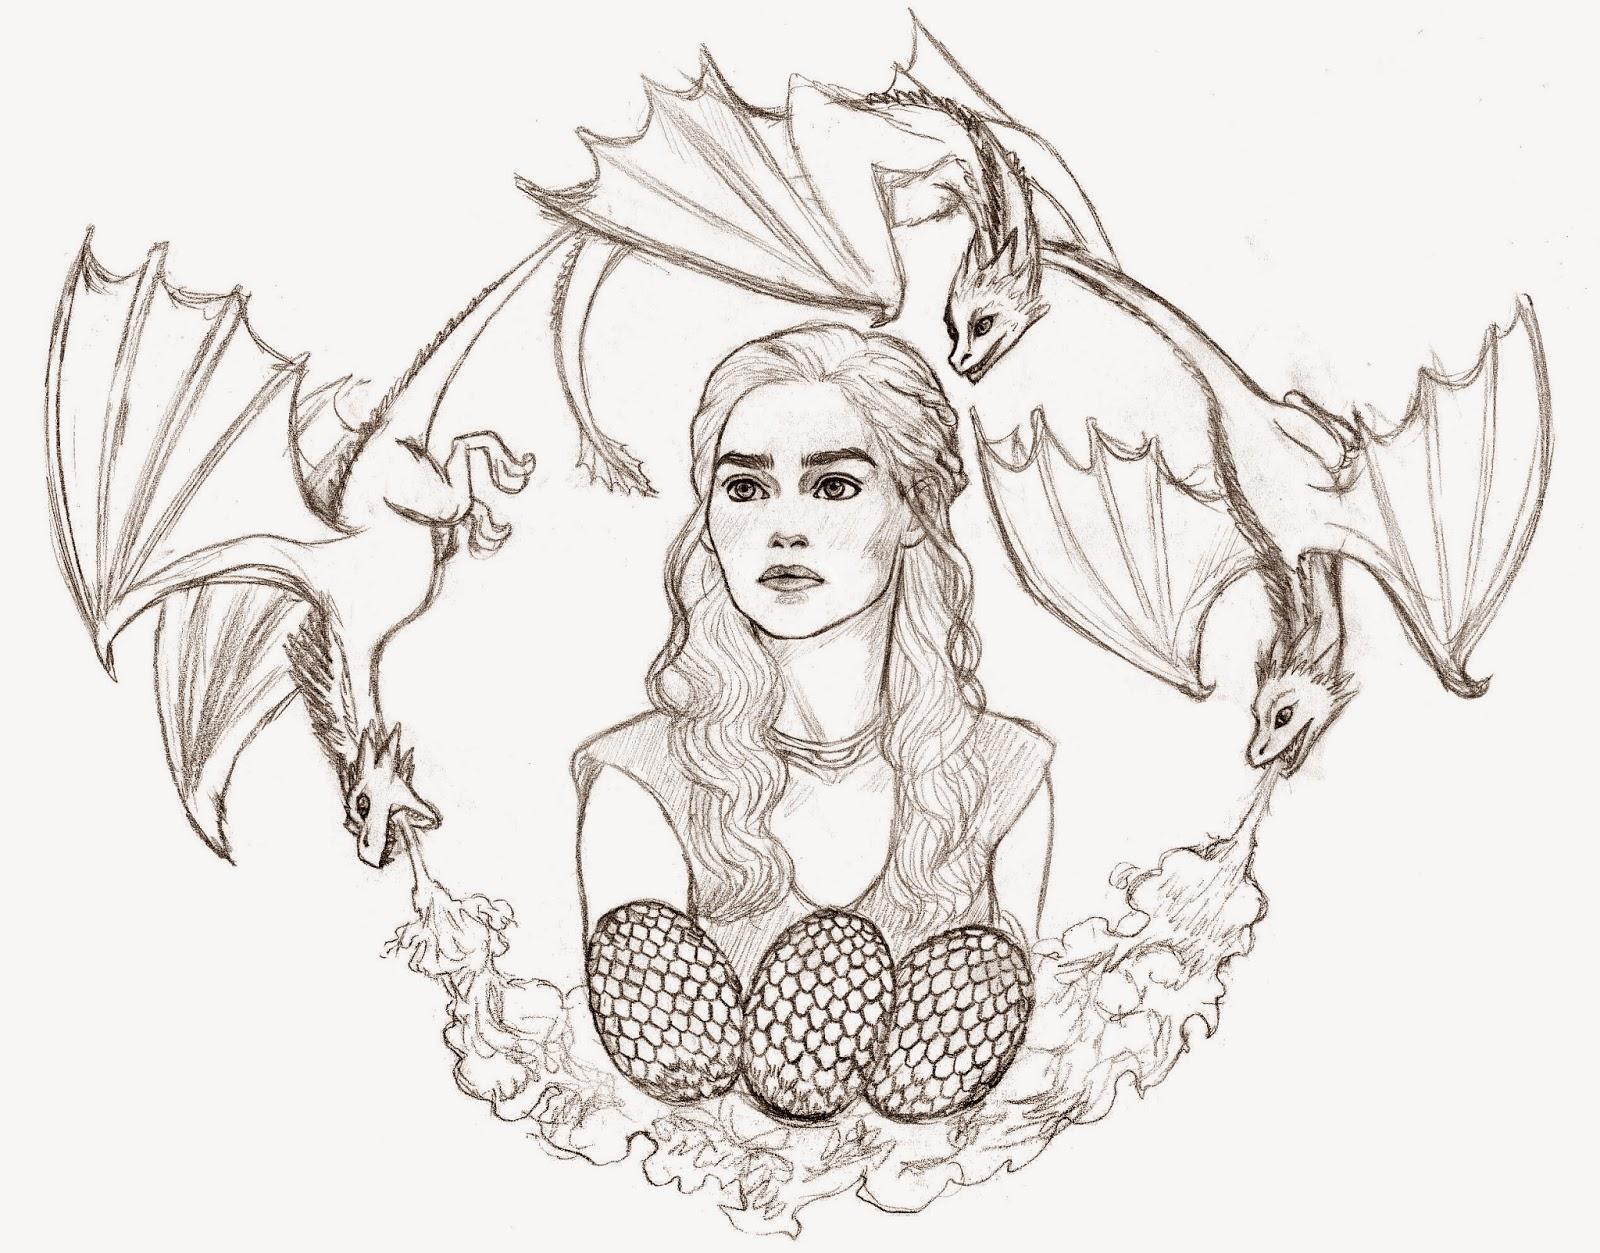 Un mètre cinquante-trois: Daenerys